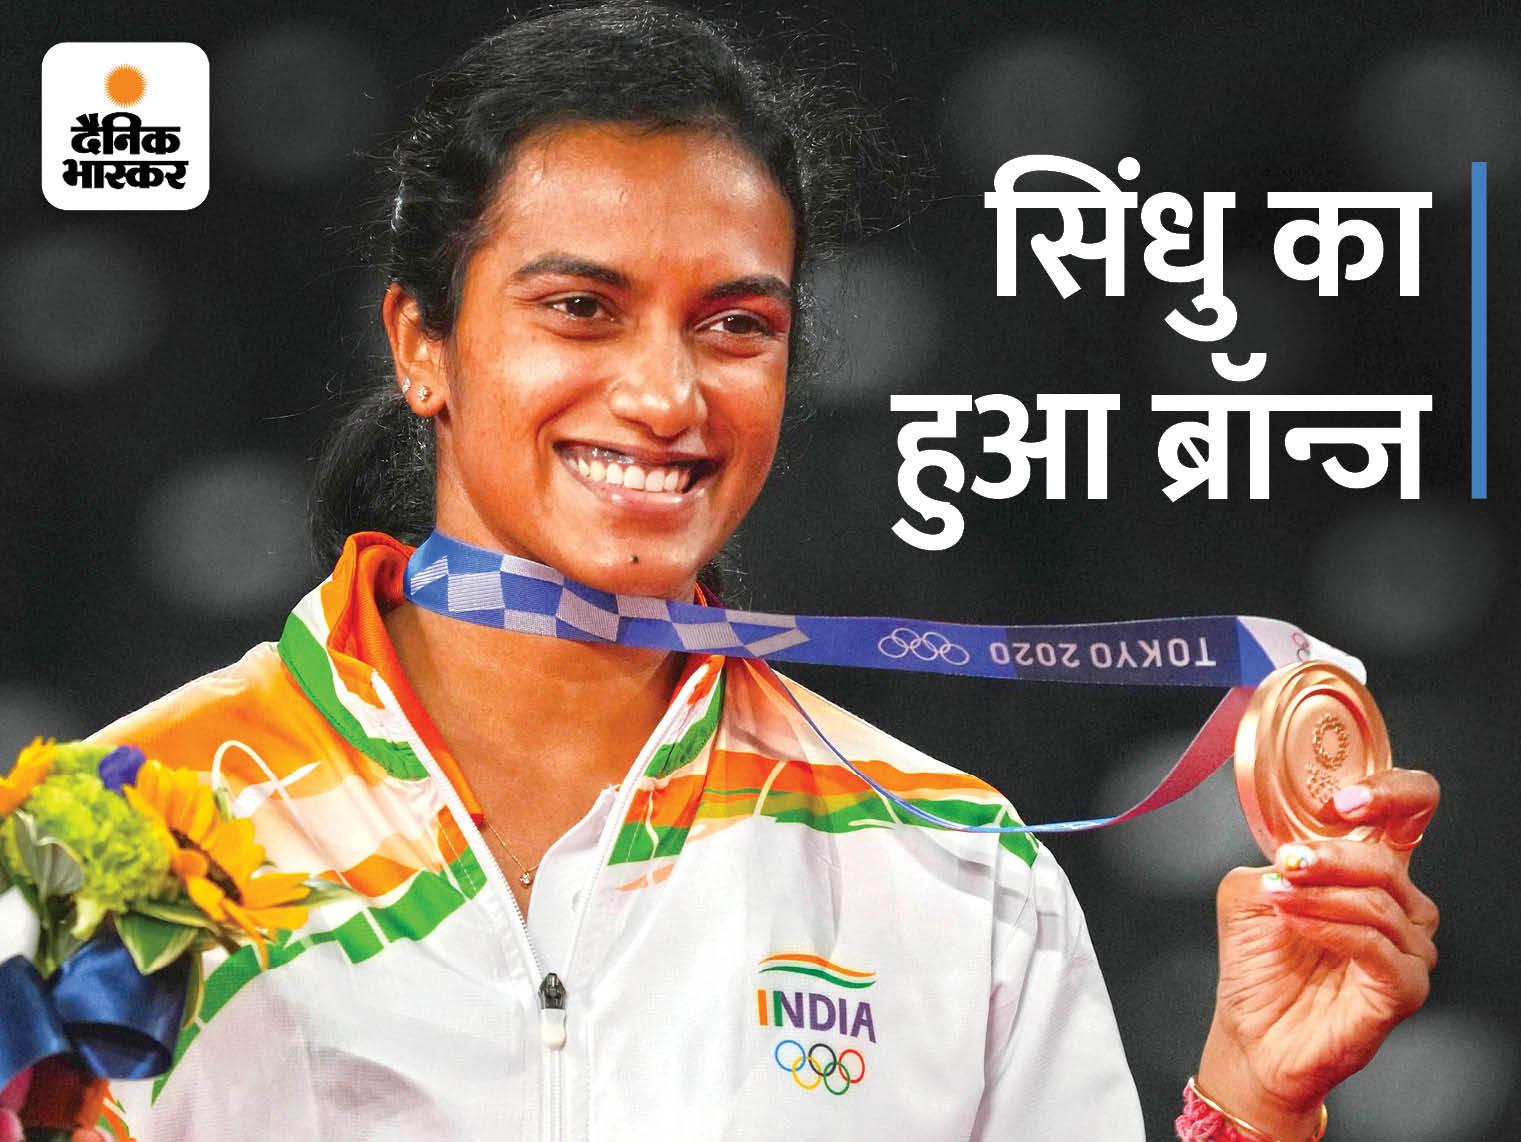 लगातार 2 ओलिंपिक में मेडल जीतने वाली पहली भारतीय महिला खिलाड़ी; सुशील कुमार के रिकॉर्ड की बराबरी भी की|टोक्यो ओलिंपिक,Tokyo Olympics - Dainik Bhaskar